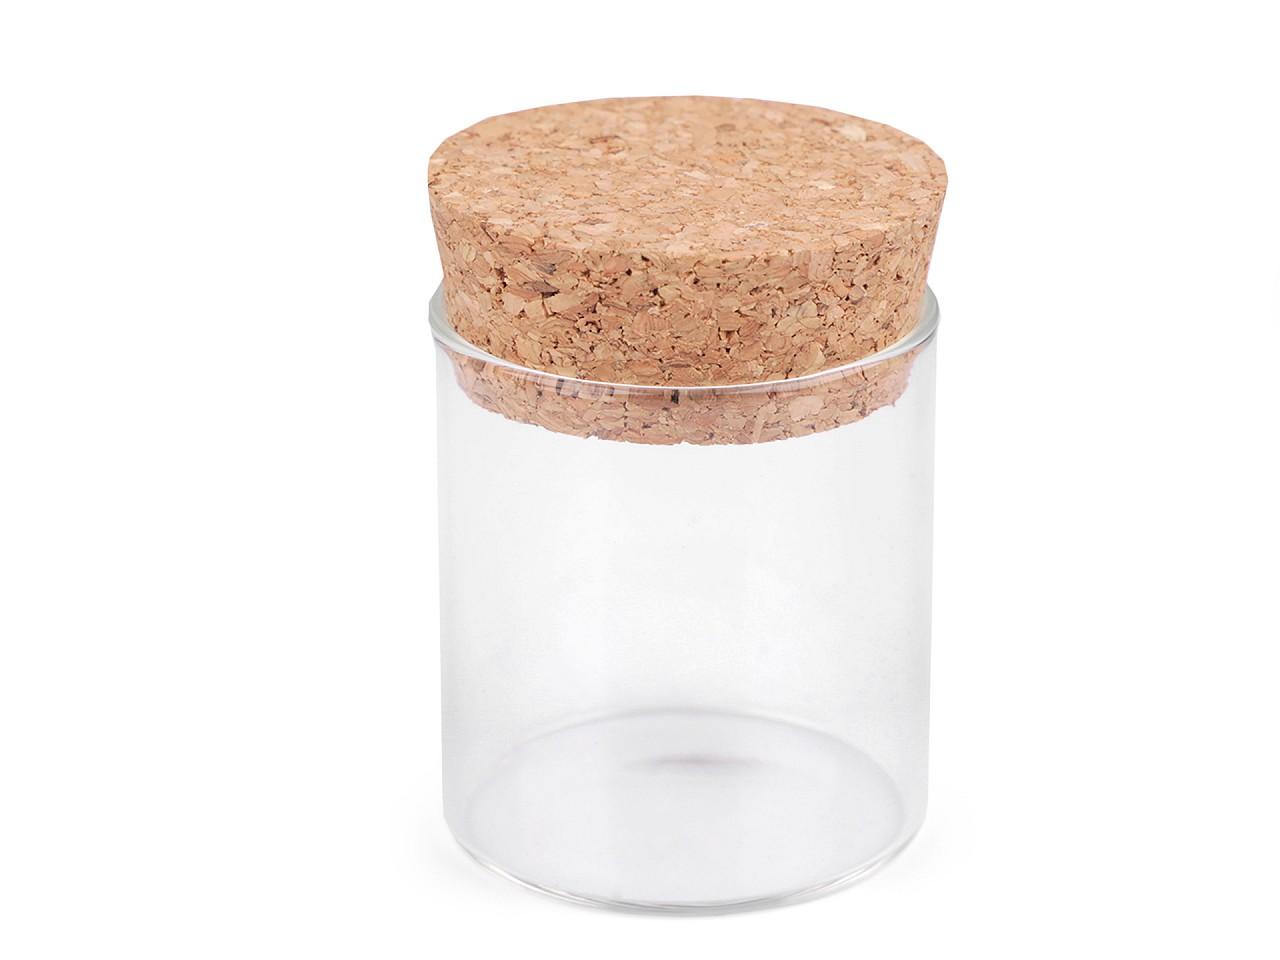 Skleněná lahvička s korkem 45x50 mm 1 ks